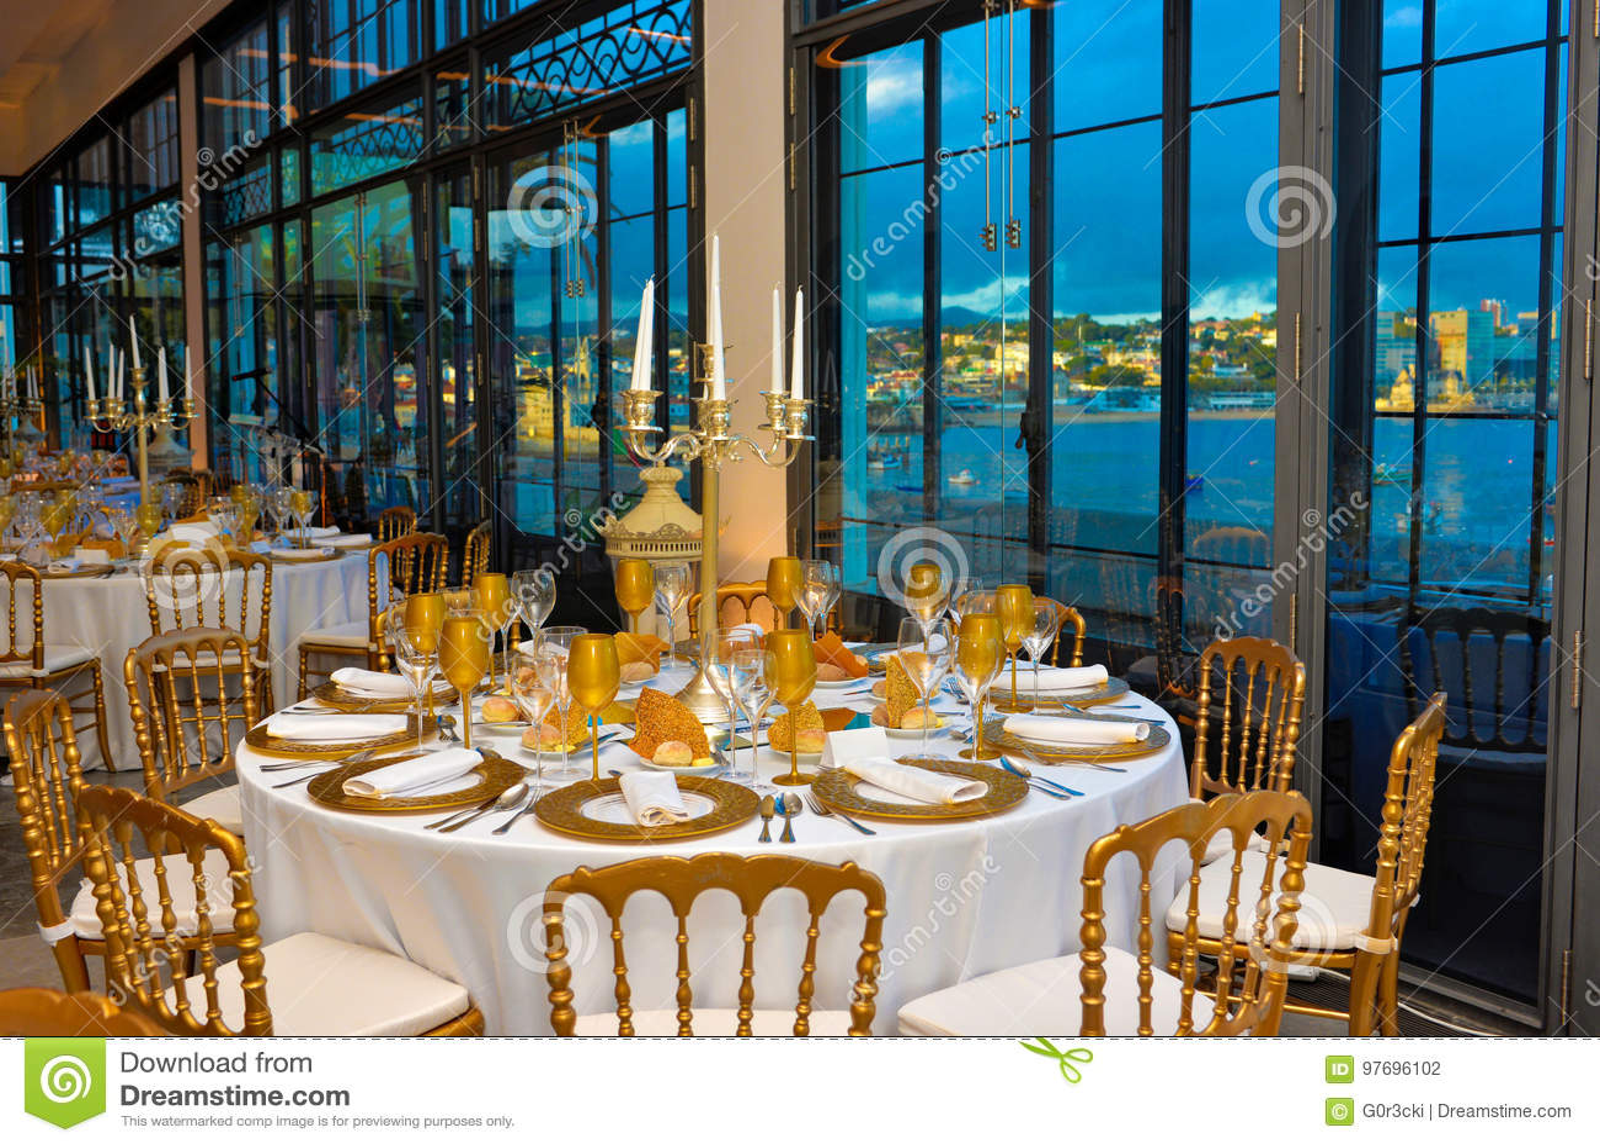 Unternehmensereignis Abendessen Mit Marina Bay View